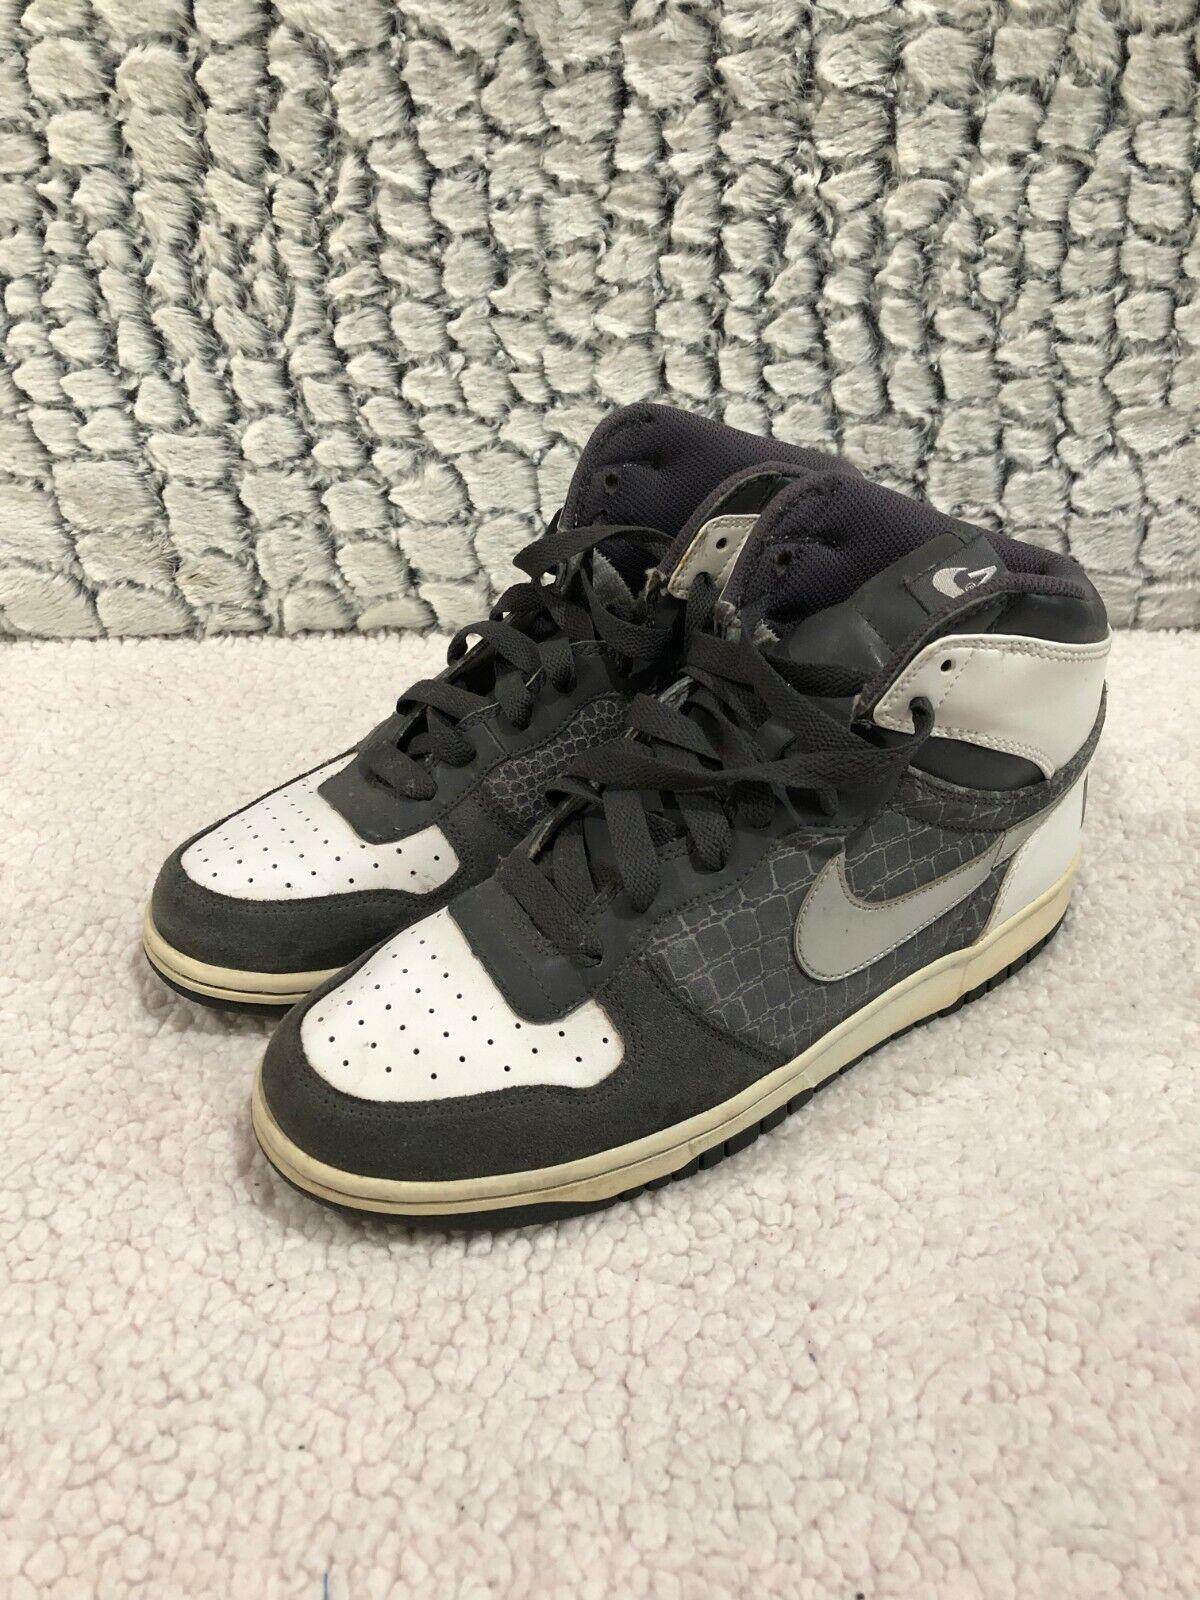 Nike grande nike alte scarpe scarpe scarpe grigio scuro   argentoo metallico 336608-002 uomini sz 8,5   Exquisite (medio) lavorazione    Il materiale di altissima qualità  0a51d4